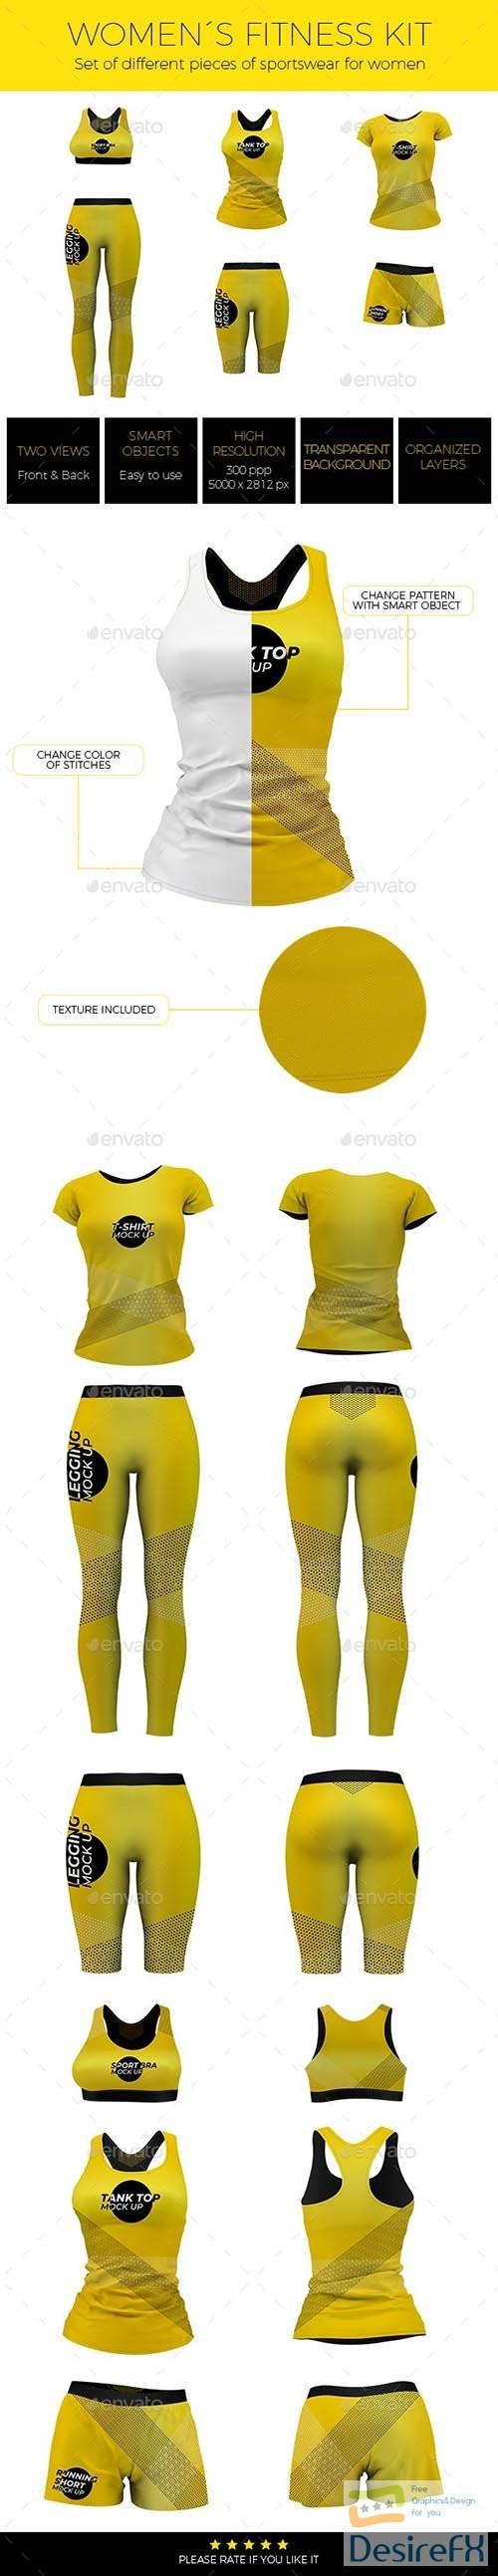 mock-up - Women Fitness Kit Mock-up 24295113